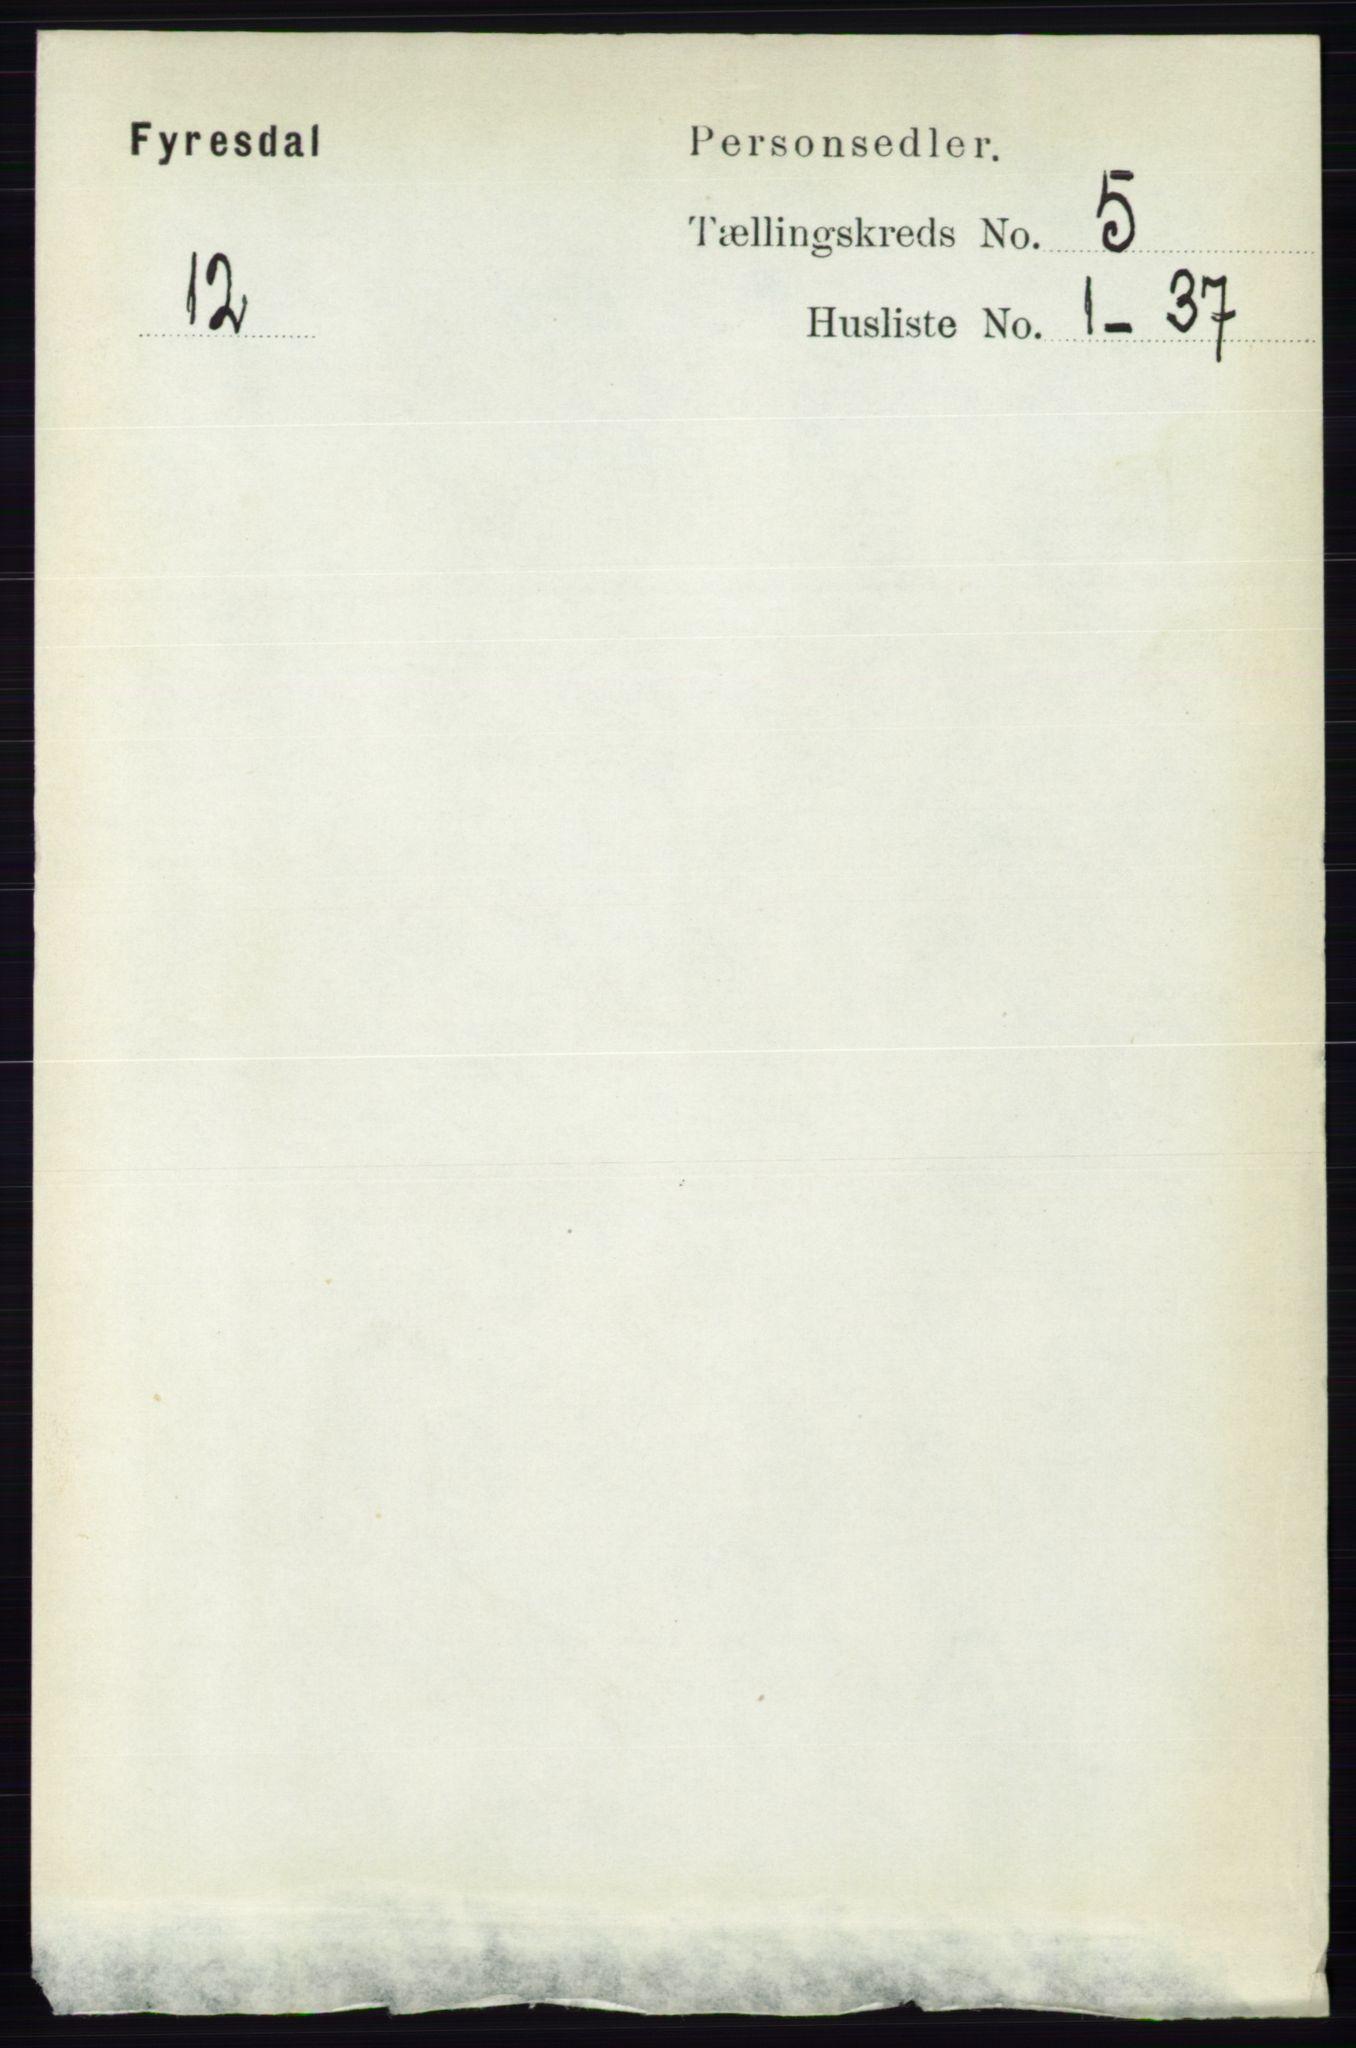 RA, Folketelling 1891 for 0831 Fyresdal herred, 1891, s. 1292